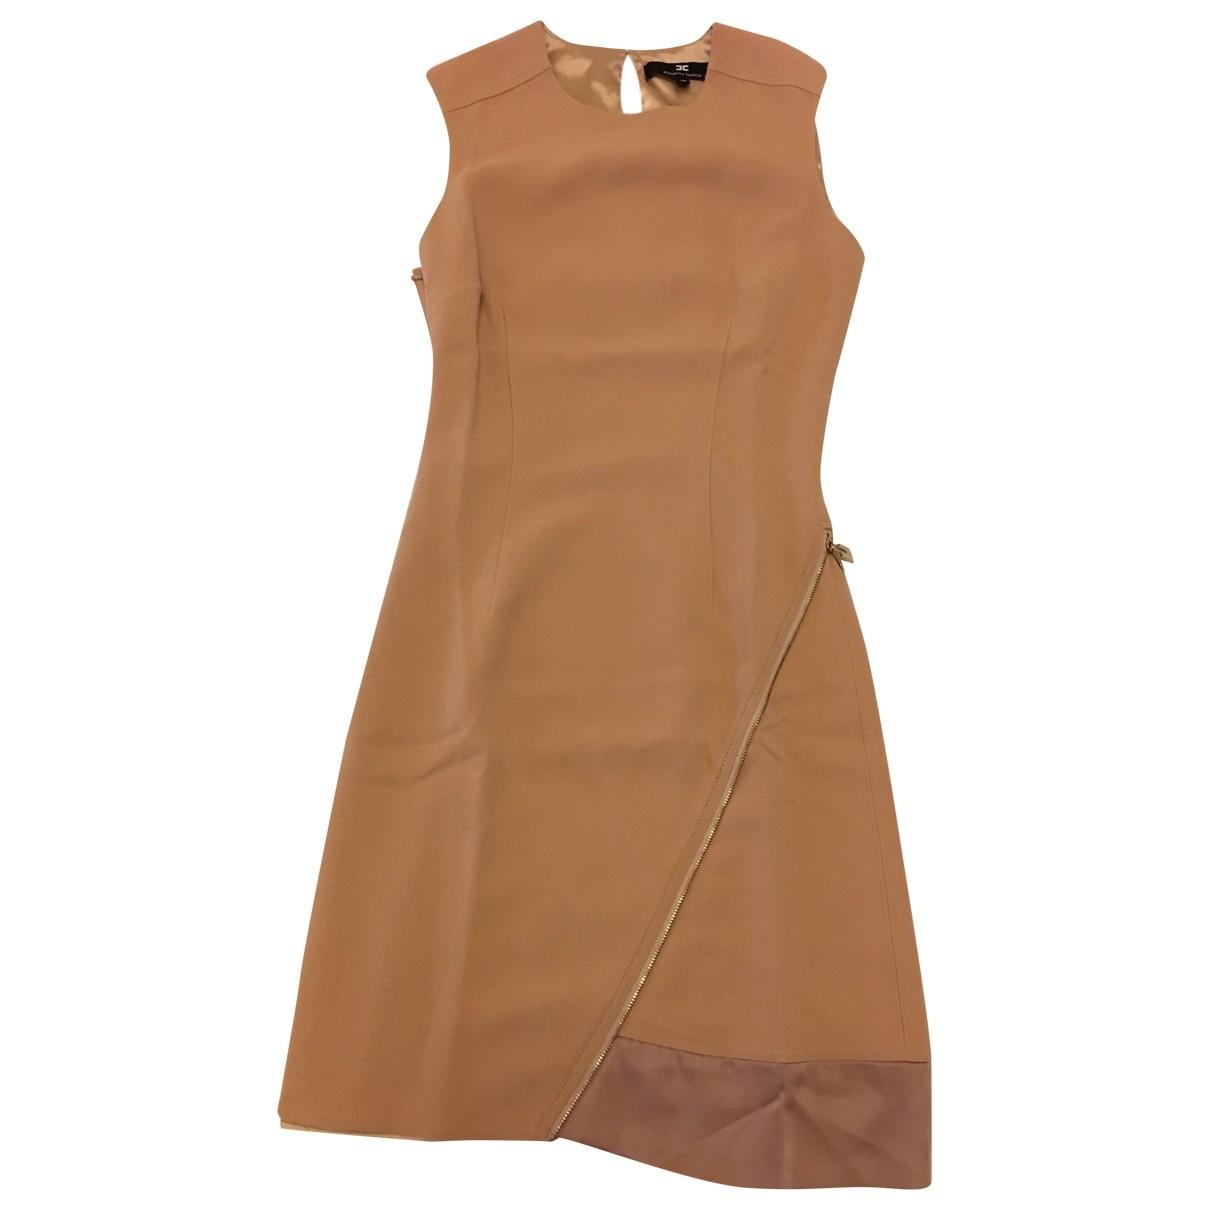 Elisabetta Franchi \N dress for Women 40 IT